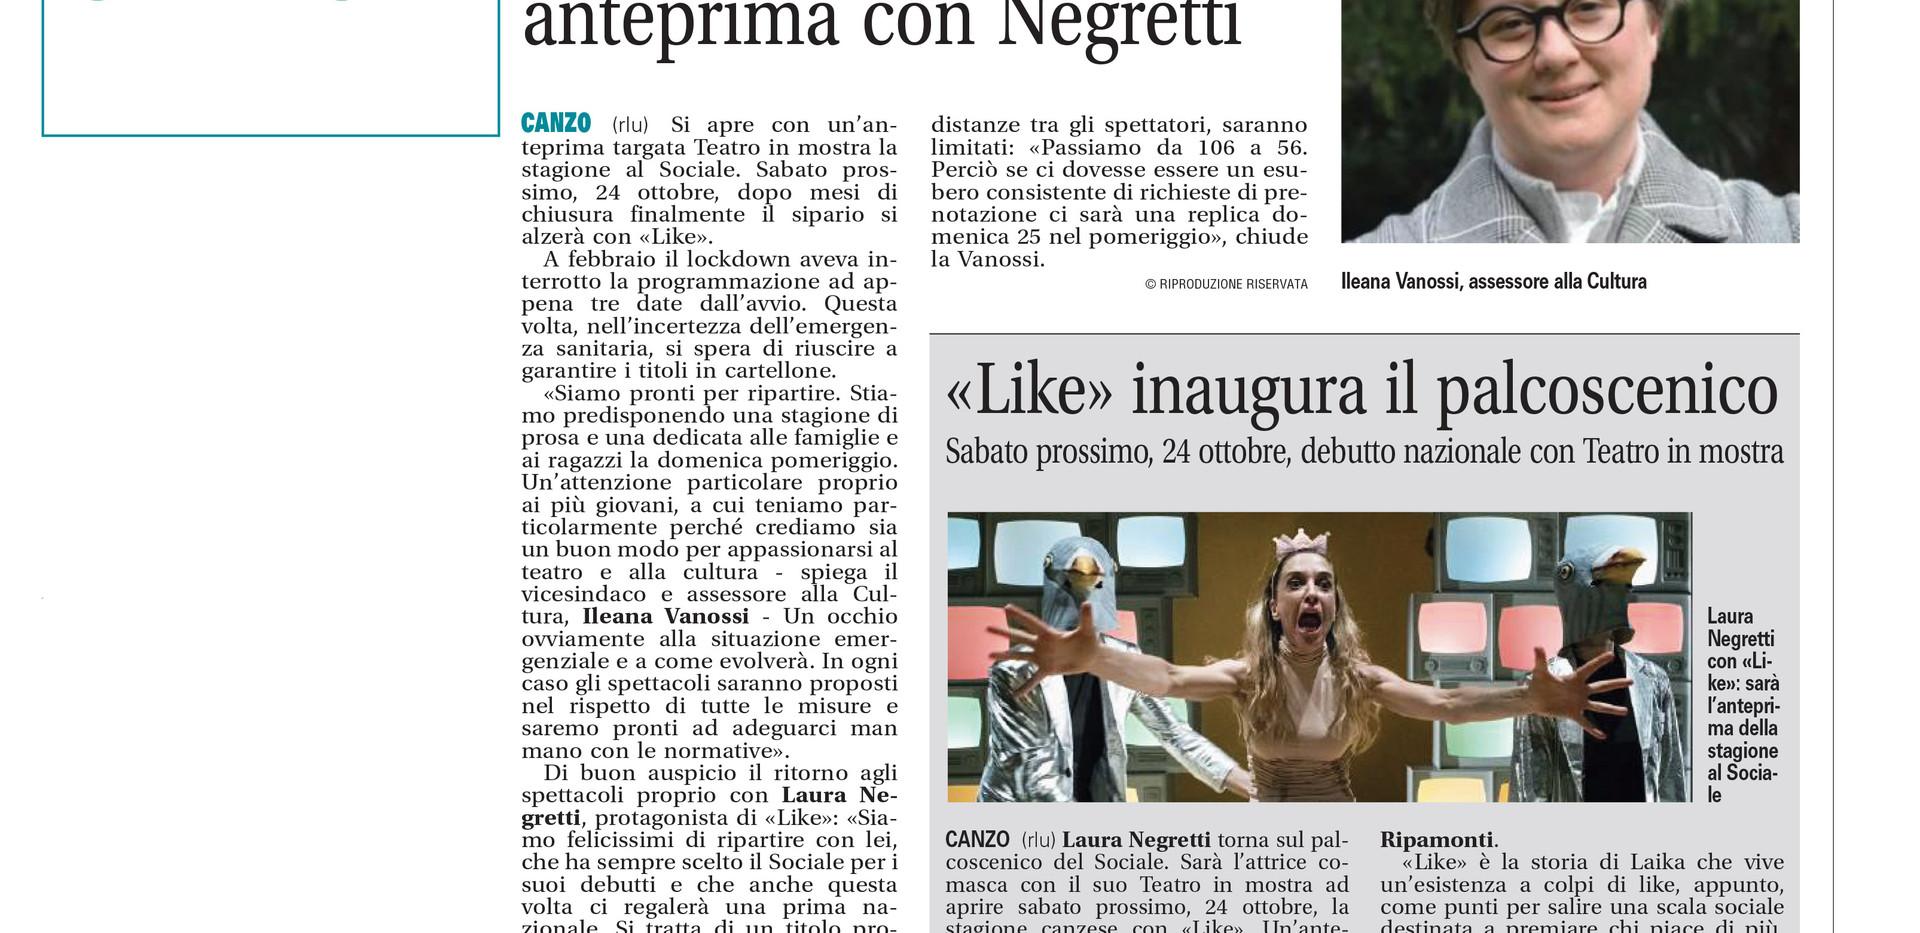 Giornale-di-Erba-17.10.20-XXX.jpg